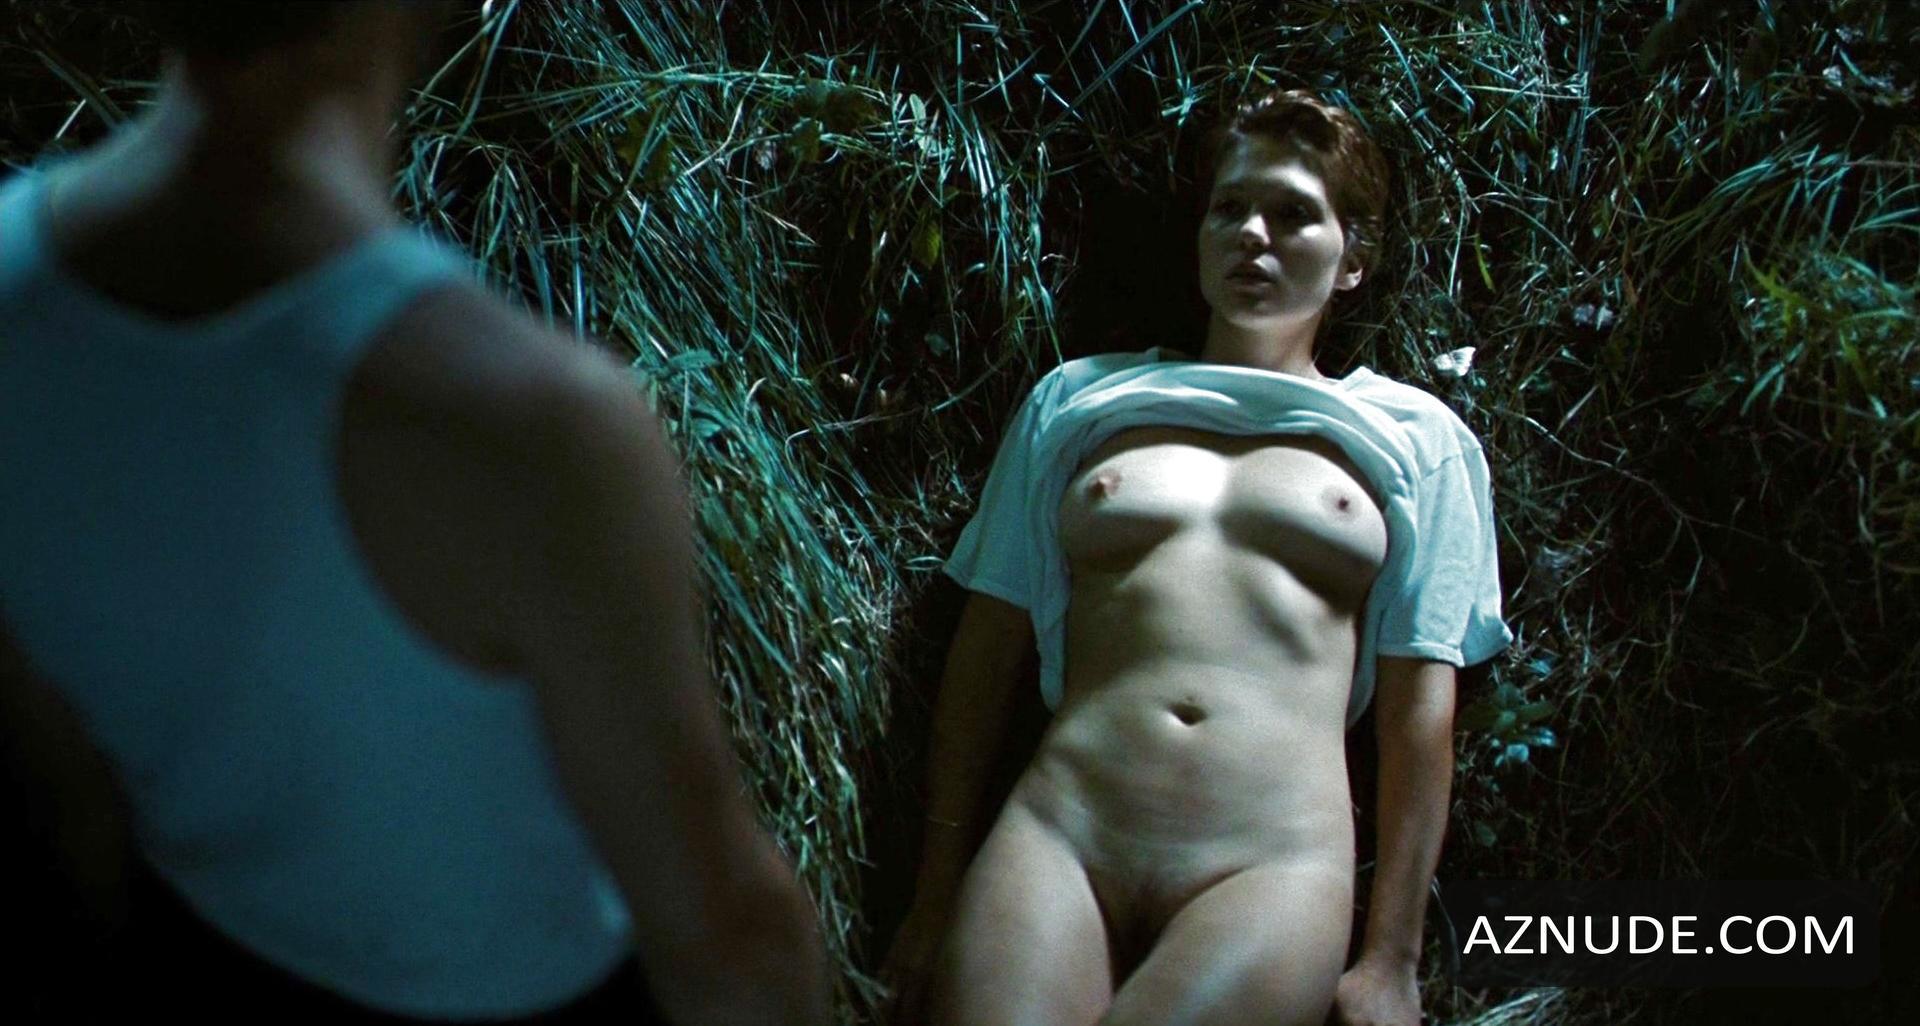 Seydoux nude lea